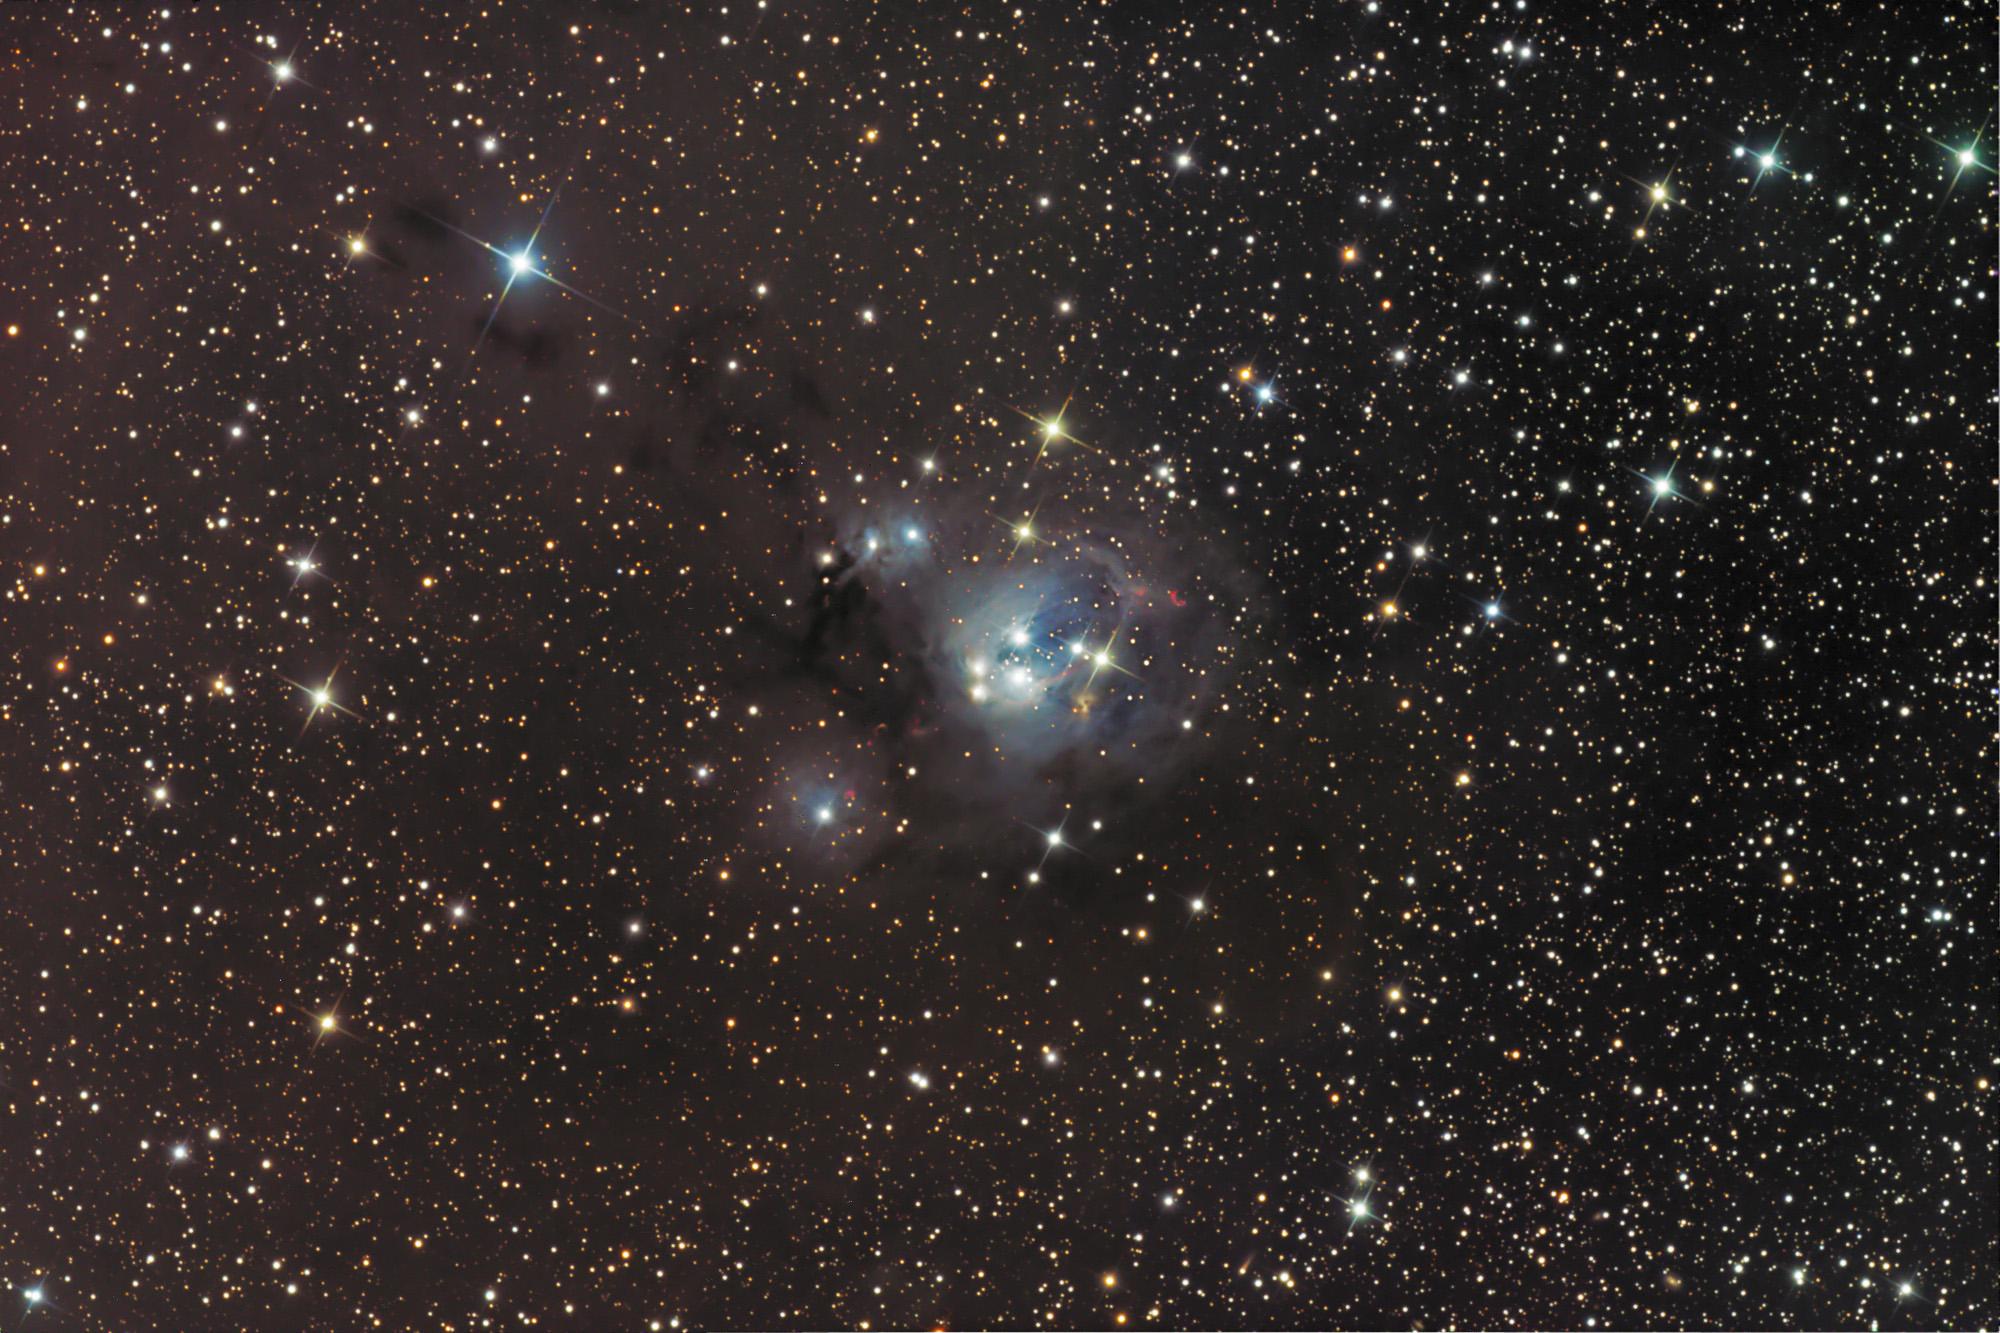 NGC 7129 (full frame)